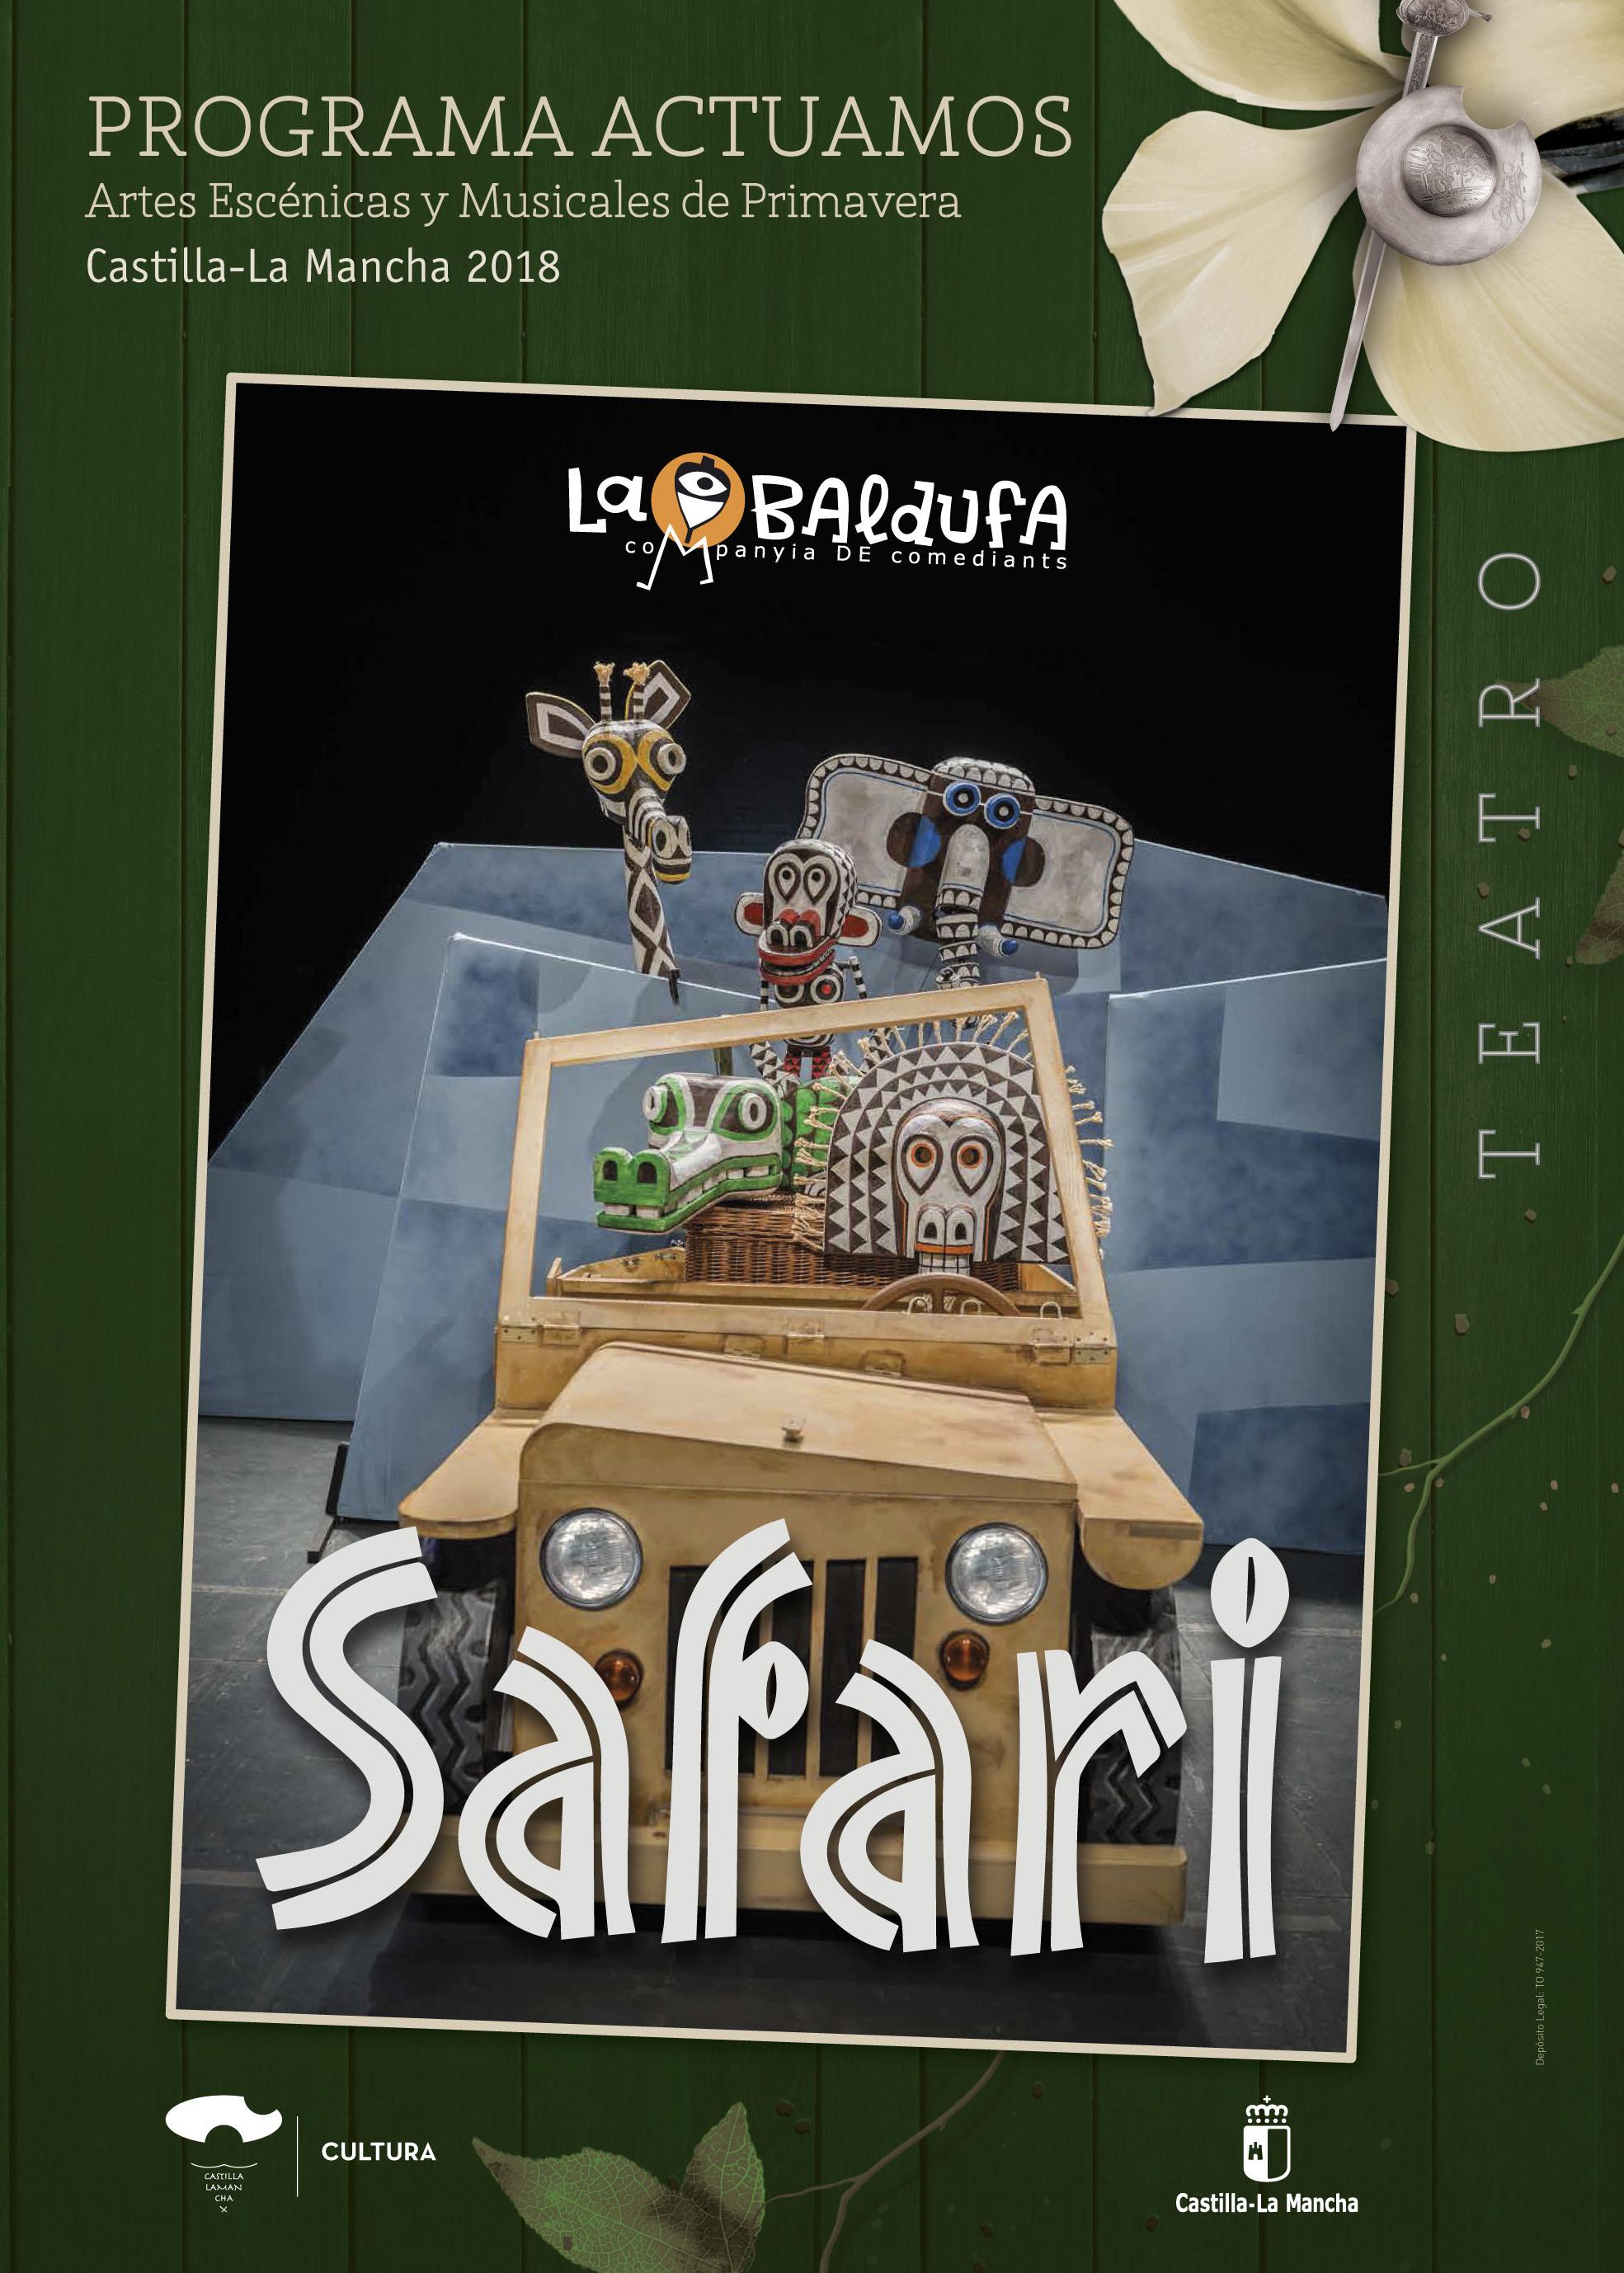 Imagen de la actividad SAFARI (Companyia de Comediants la Baldufa)